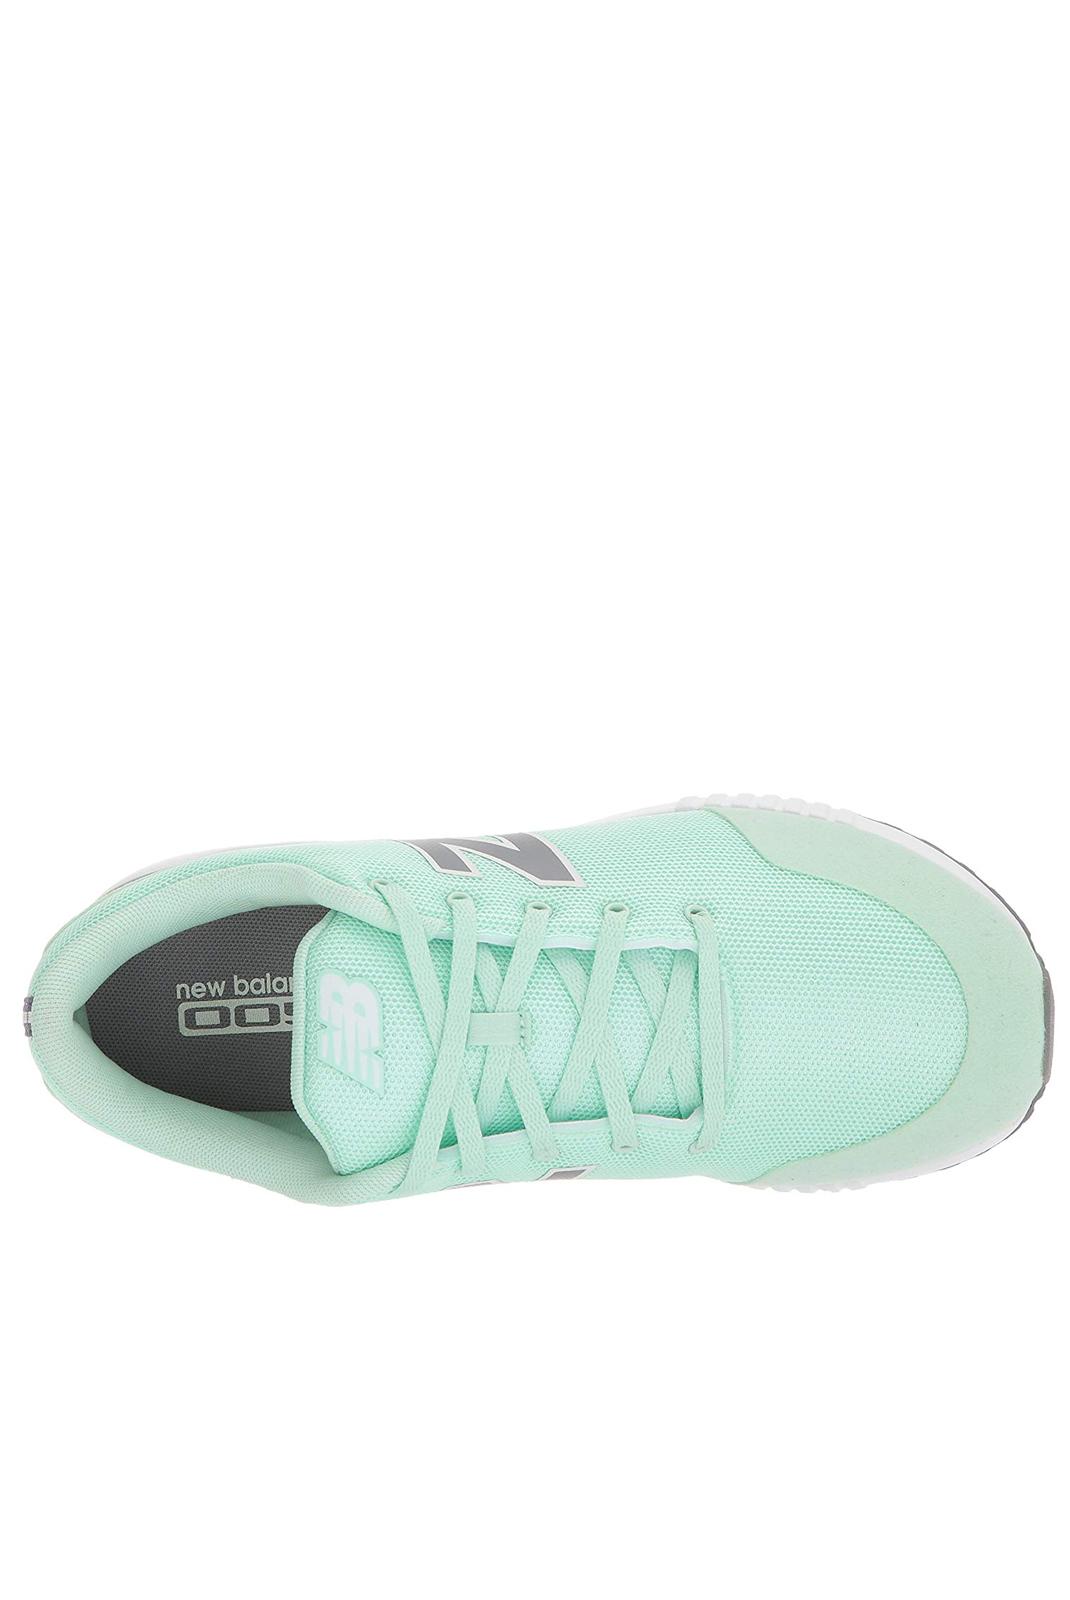 Baskets / Sneakers  New balance KL005SGY vert